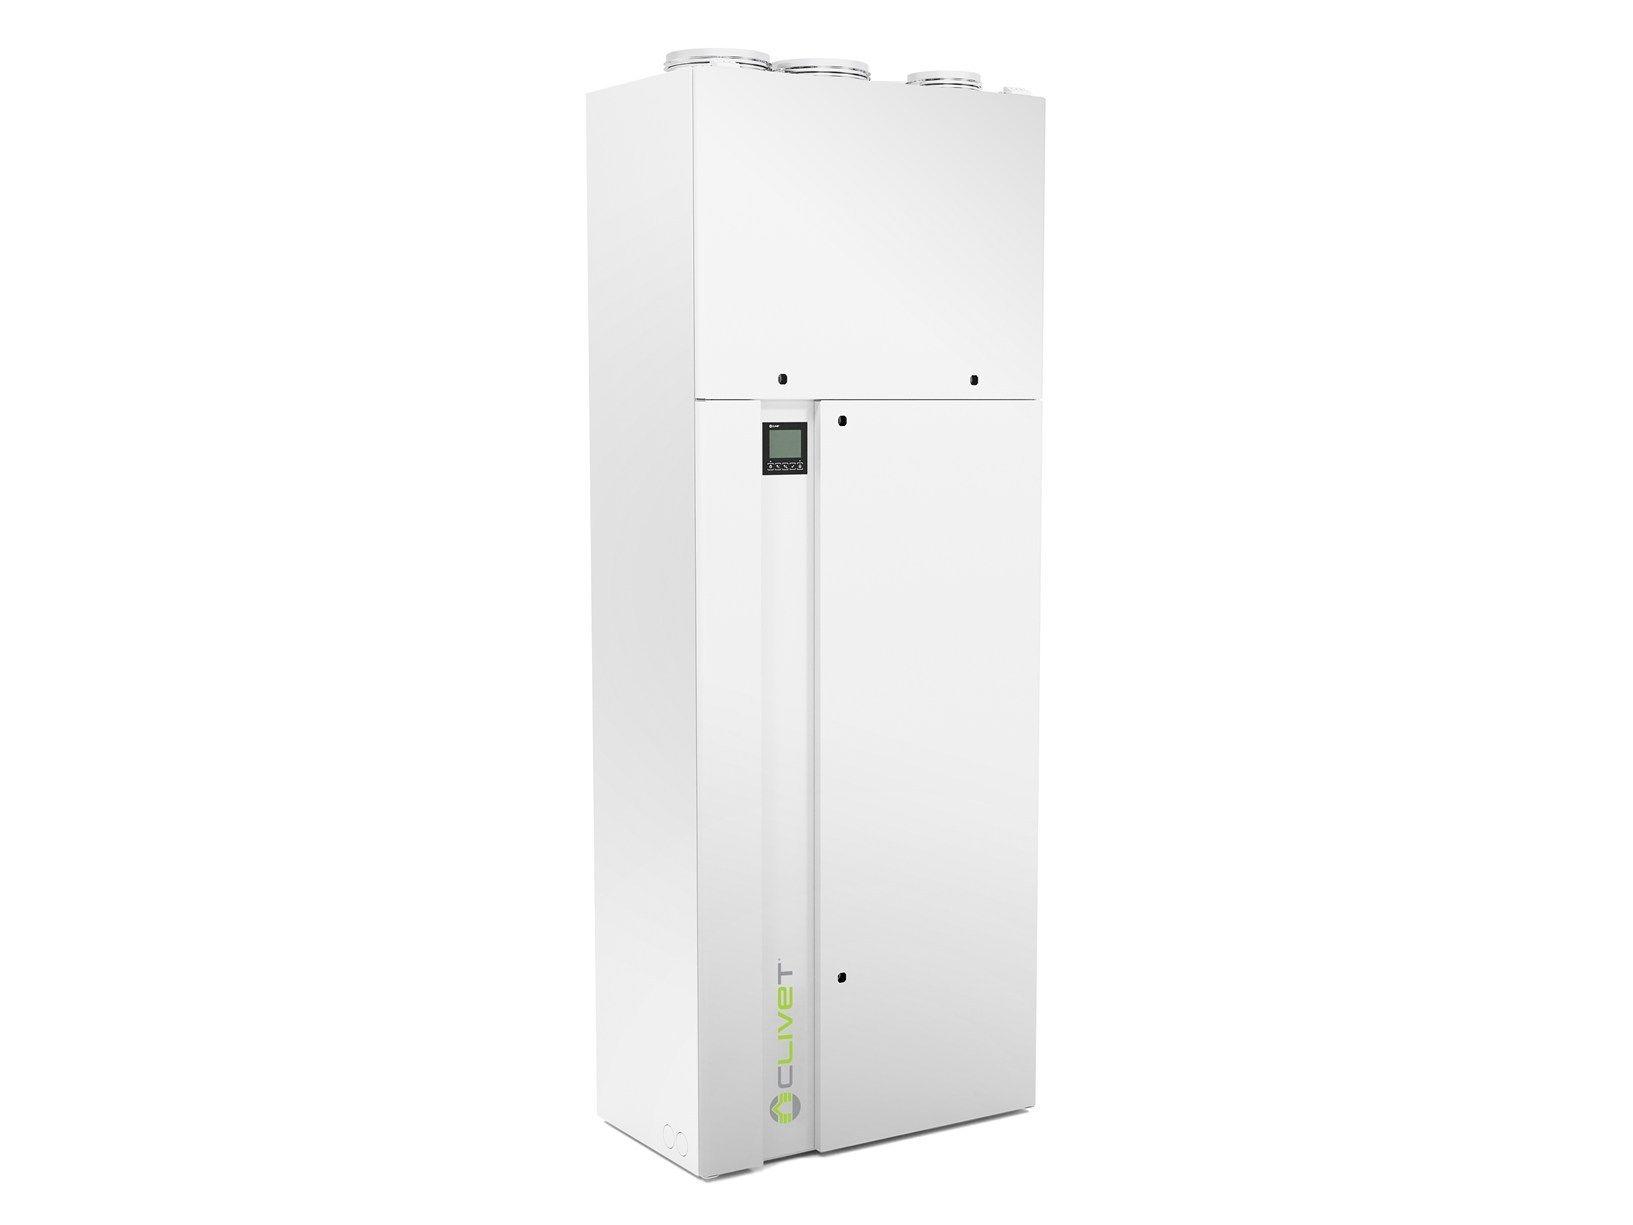 ELFOPack di Clivet: aria di novita' per il plurifamiliare con impianto decentralizzato e le abitazioni nearly-zero energy